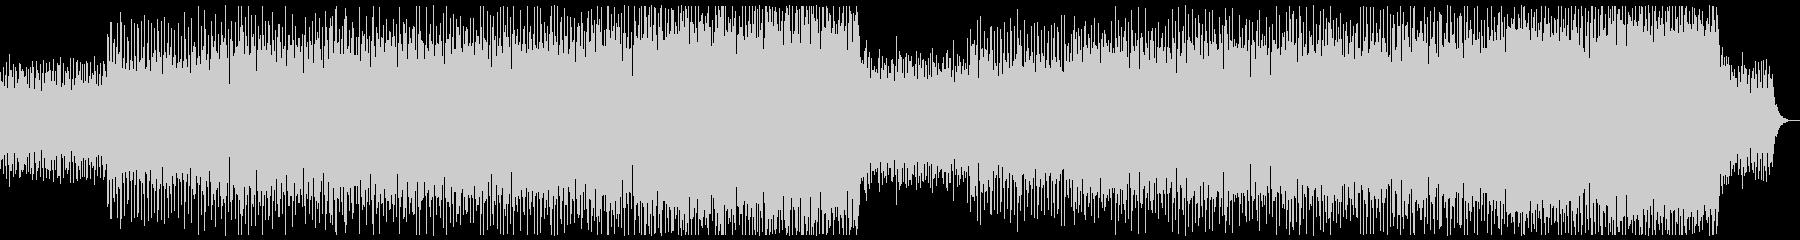 ピコピコテクノ系ミニマルミュージック系の未再生の波形